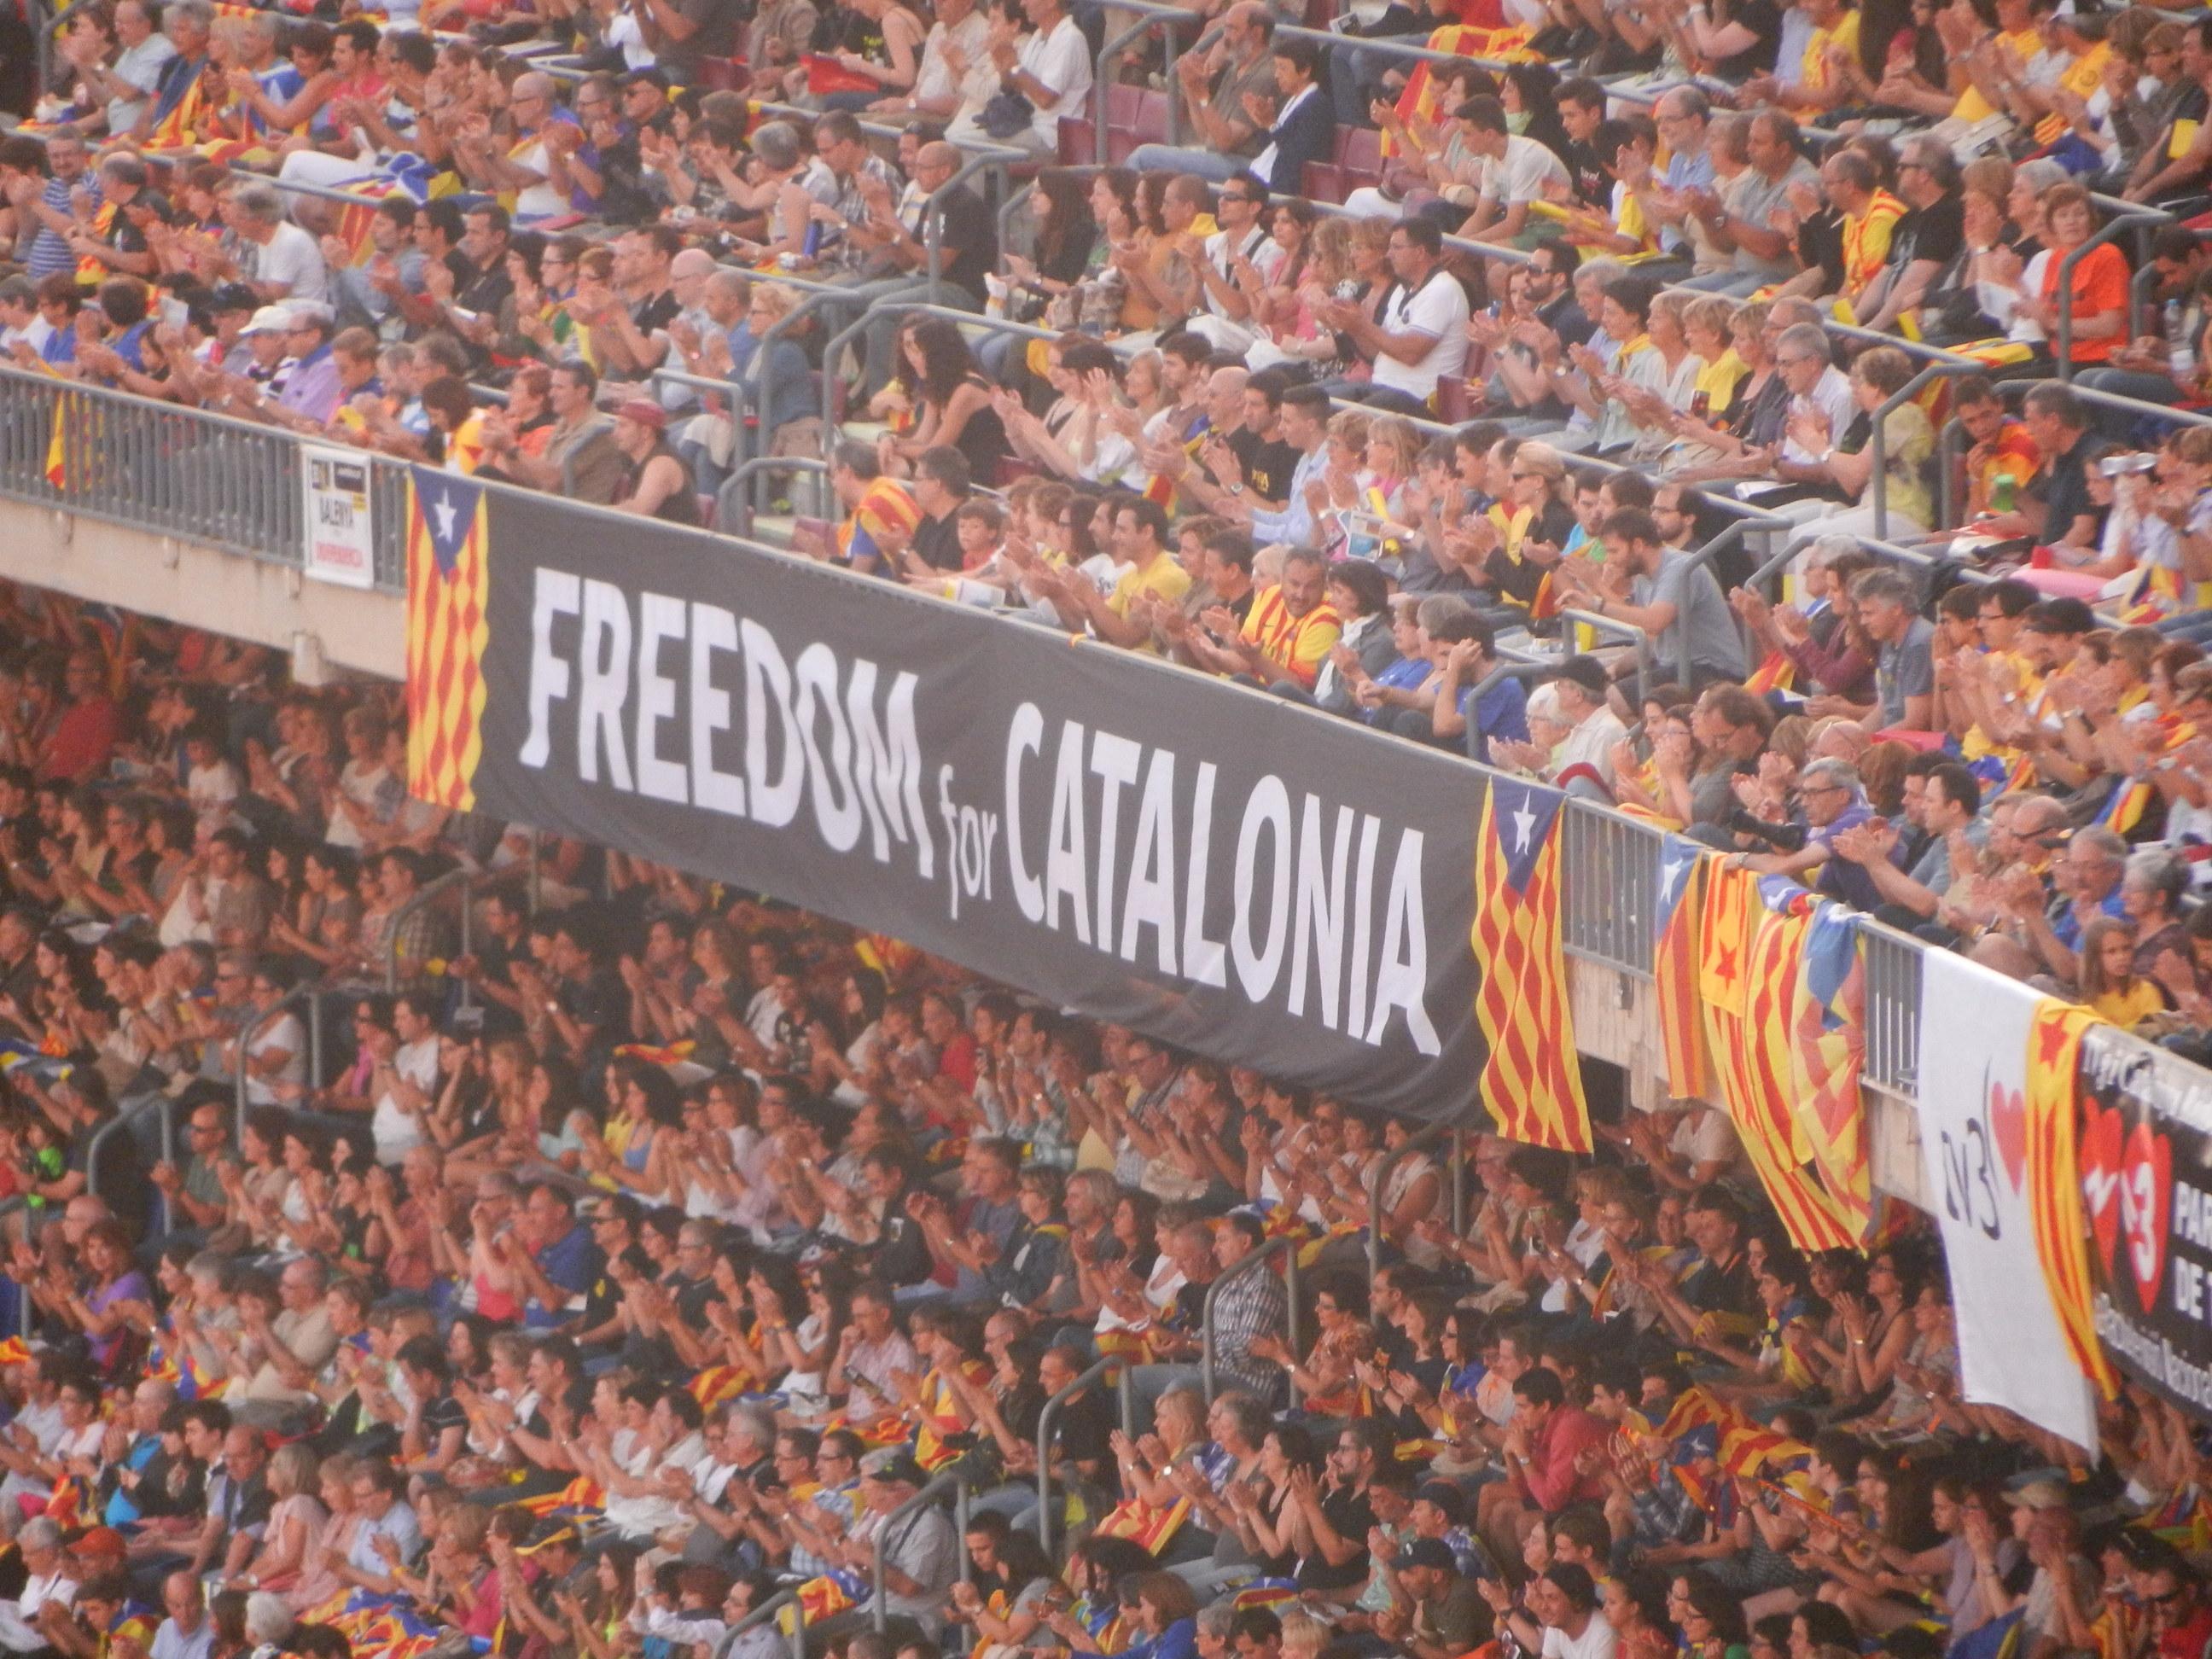 Spanien och Katalonien – Separationsångest